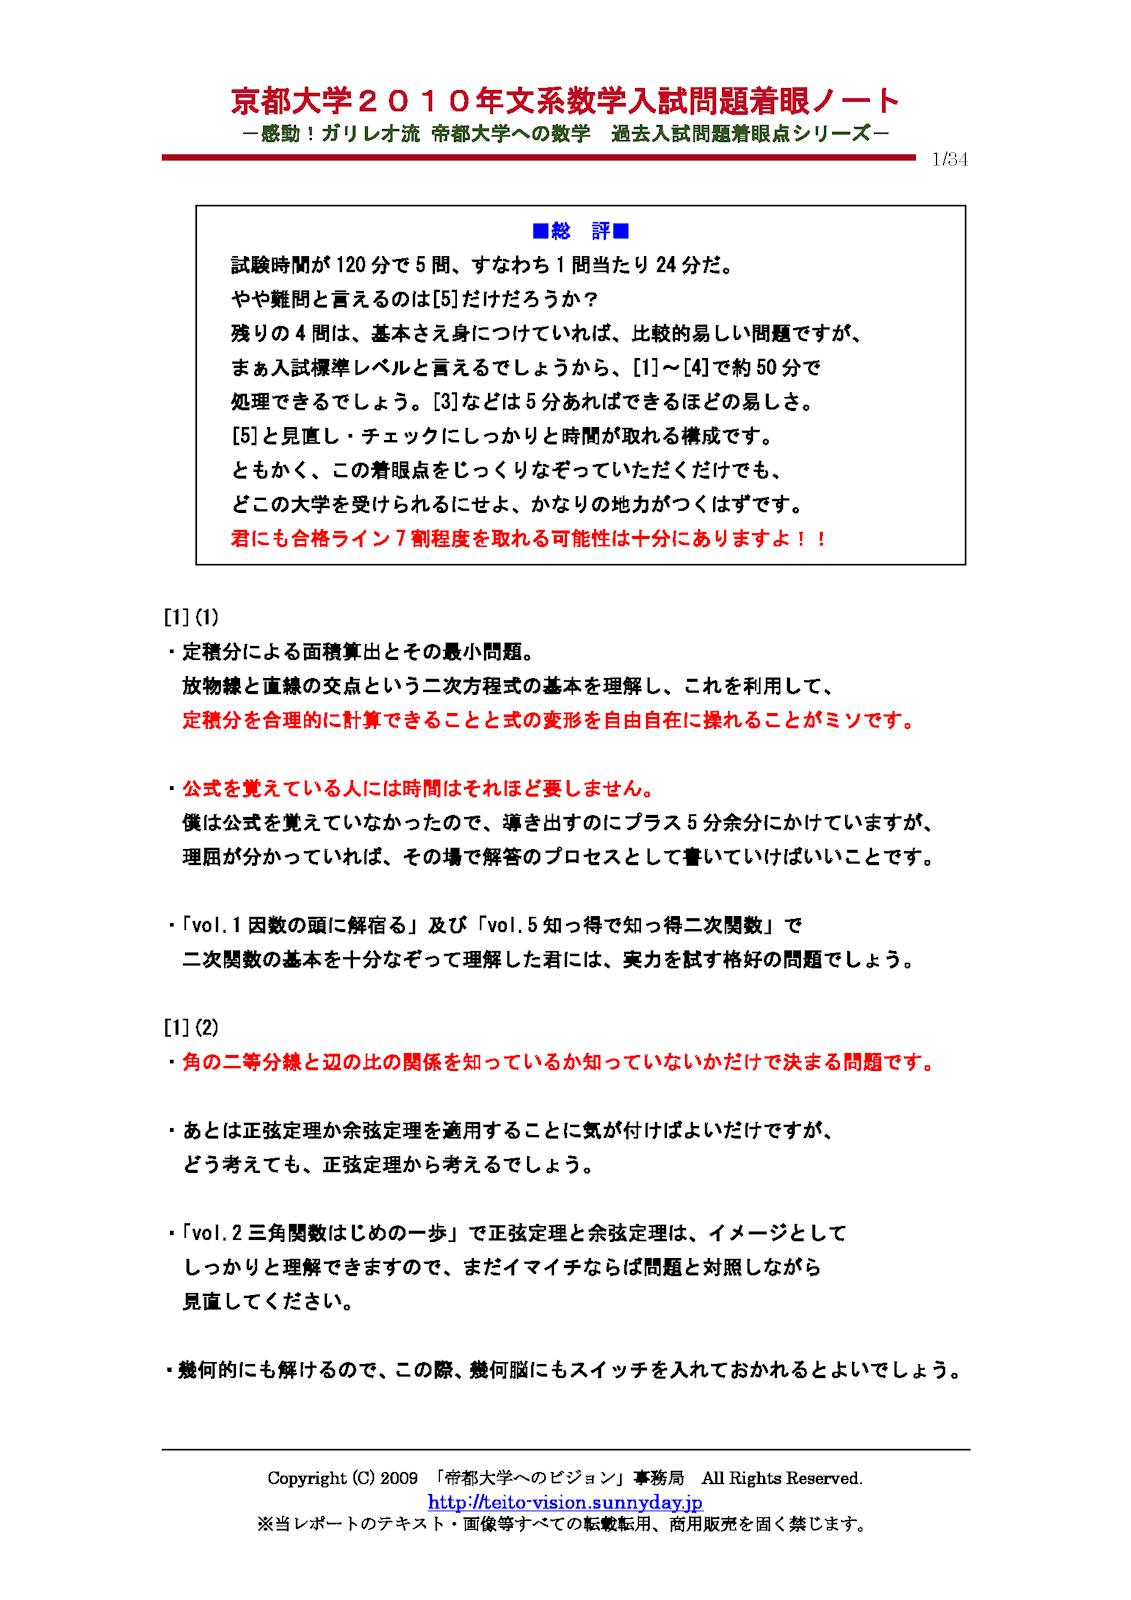 京都大学2010年文系数学入試問題着眼点ノート